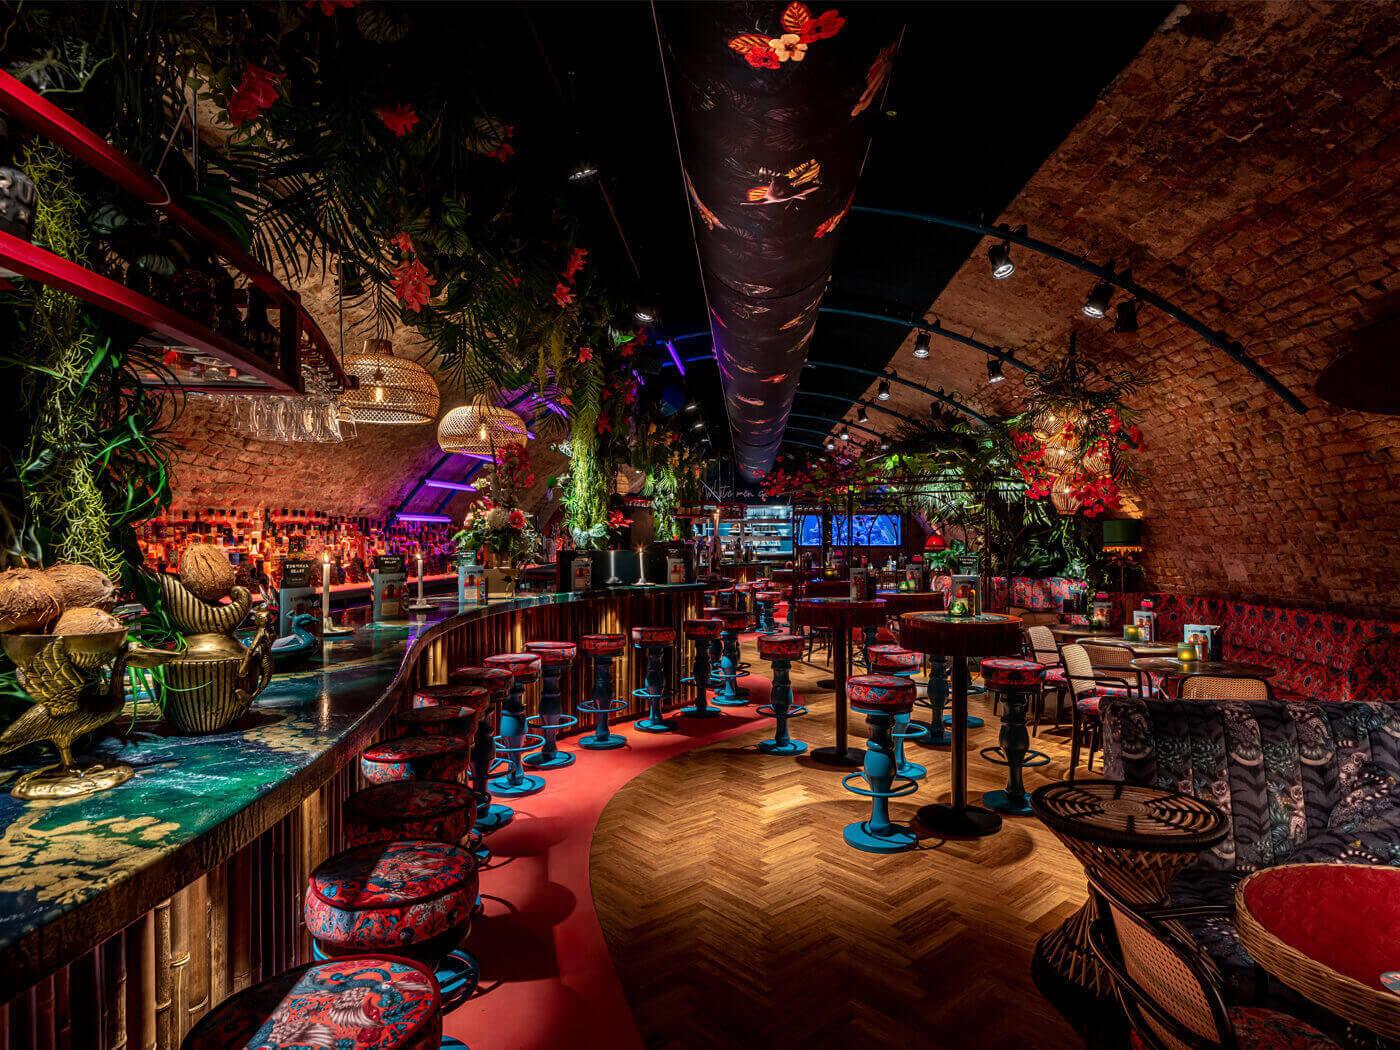 Horeca interieurdesign Rum Club Utrecht